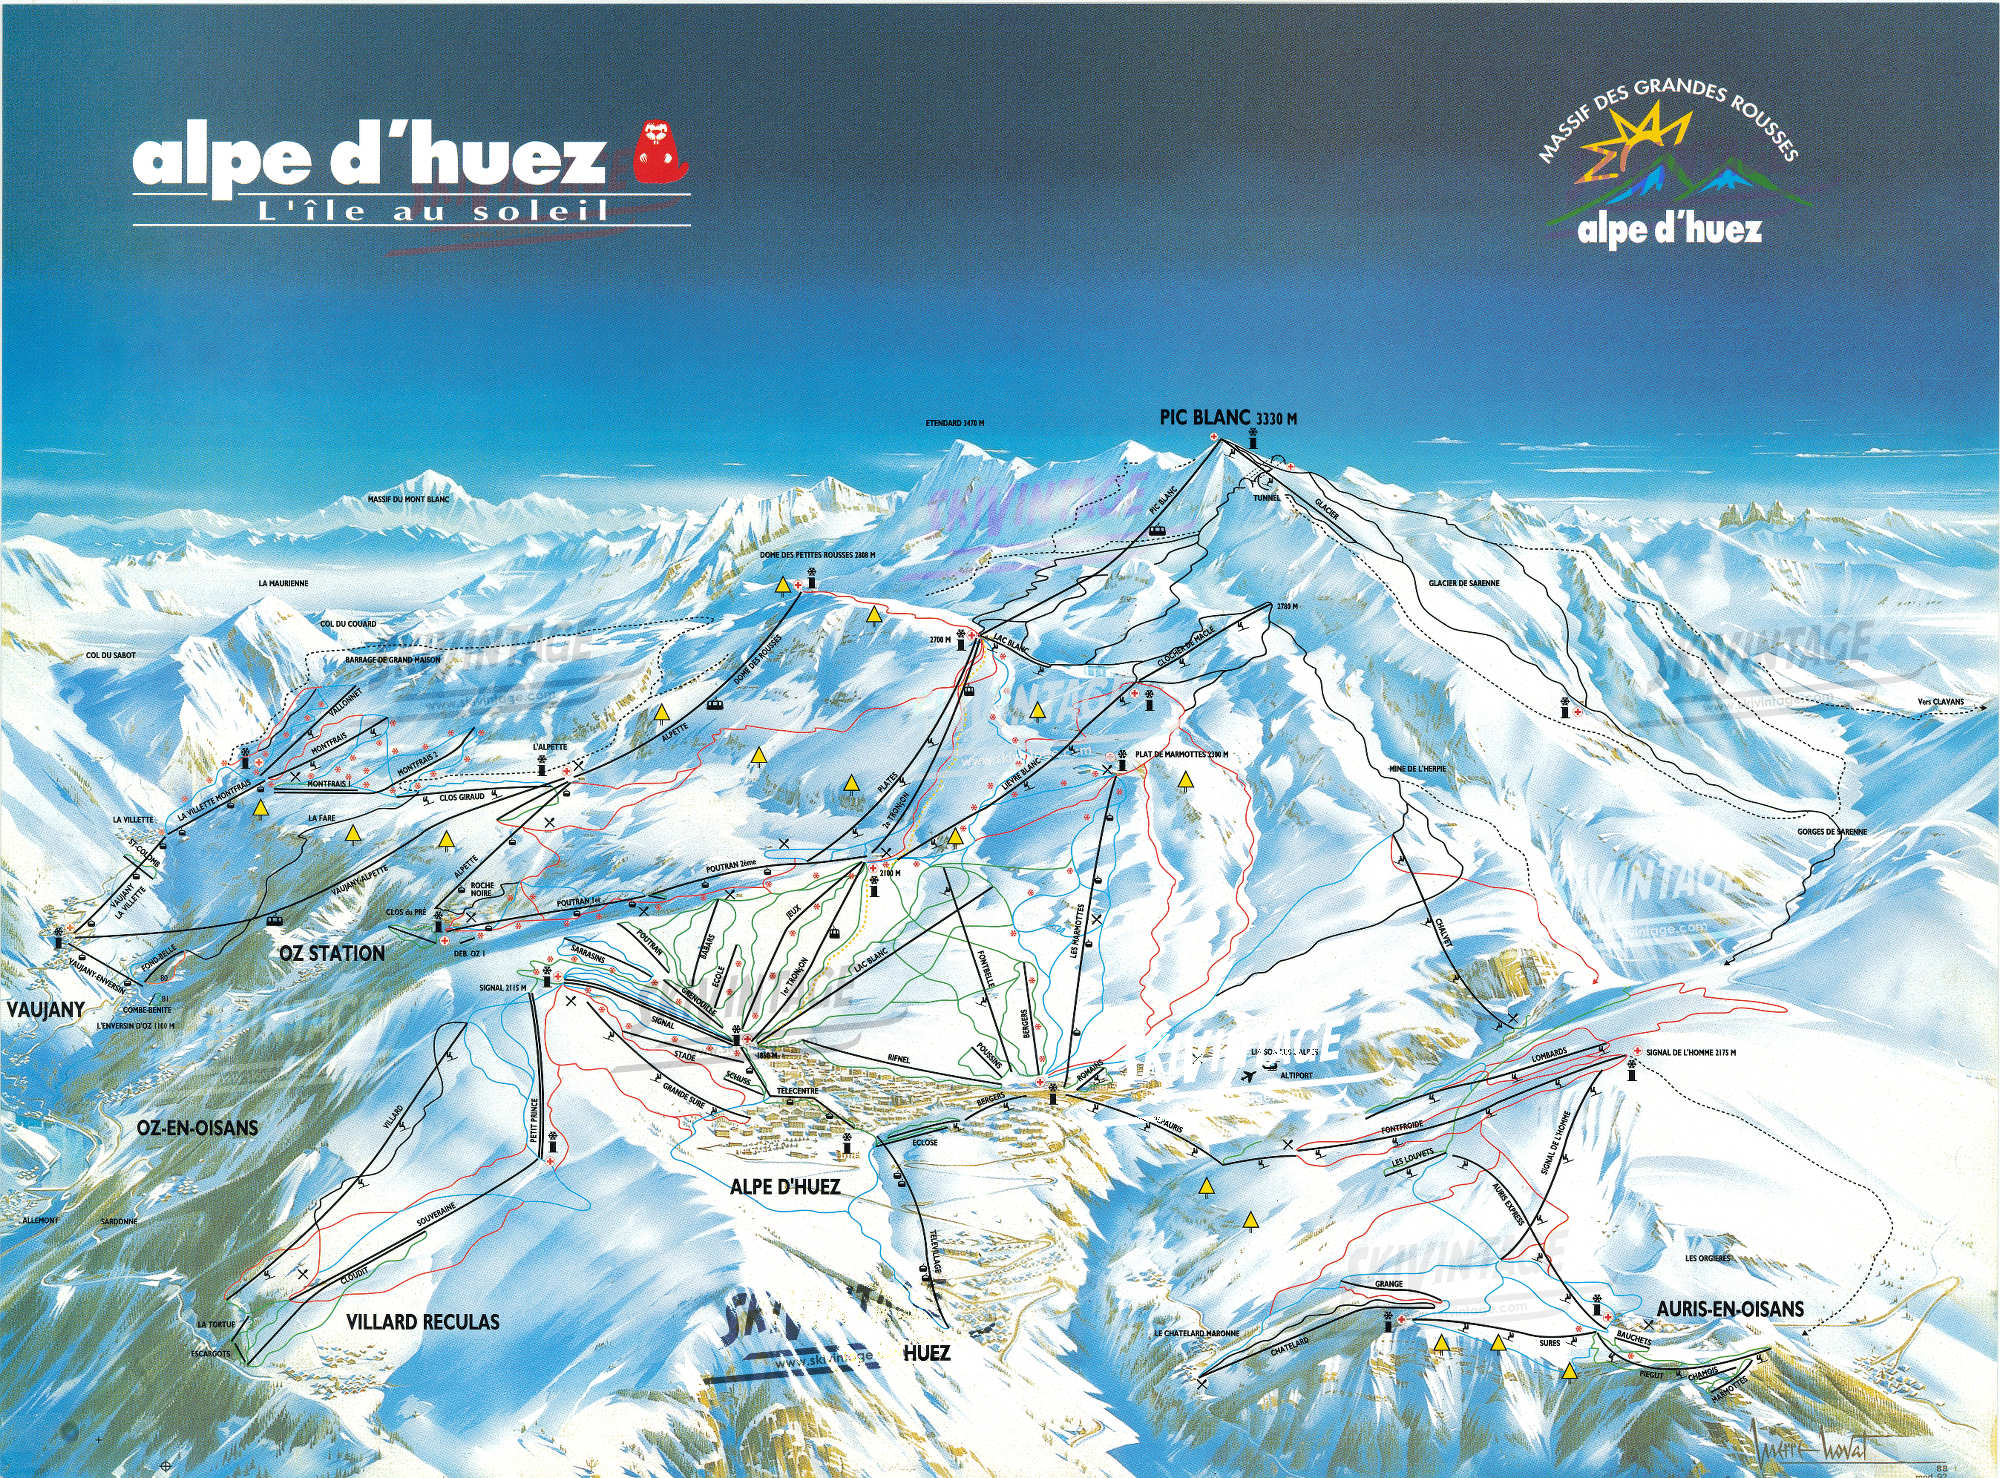 Alpe d 39 huez l 39 le au soleil grand plan des pistes de ski - Office du tourisme de l alpes d huez ...